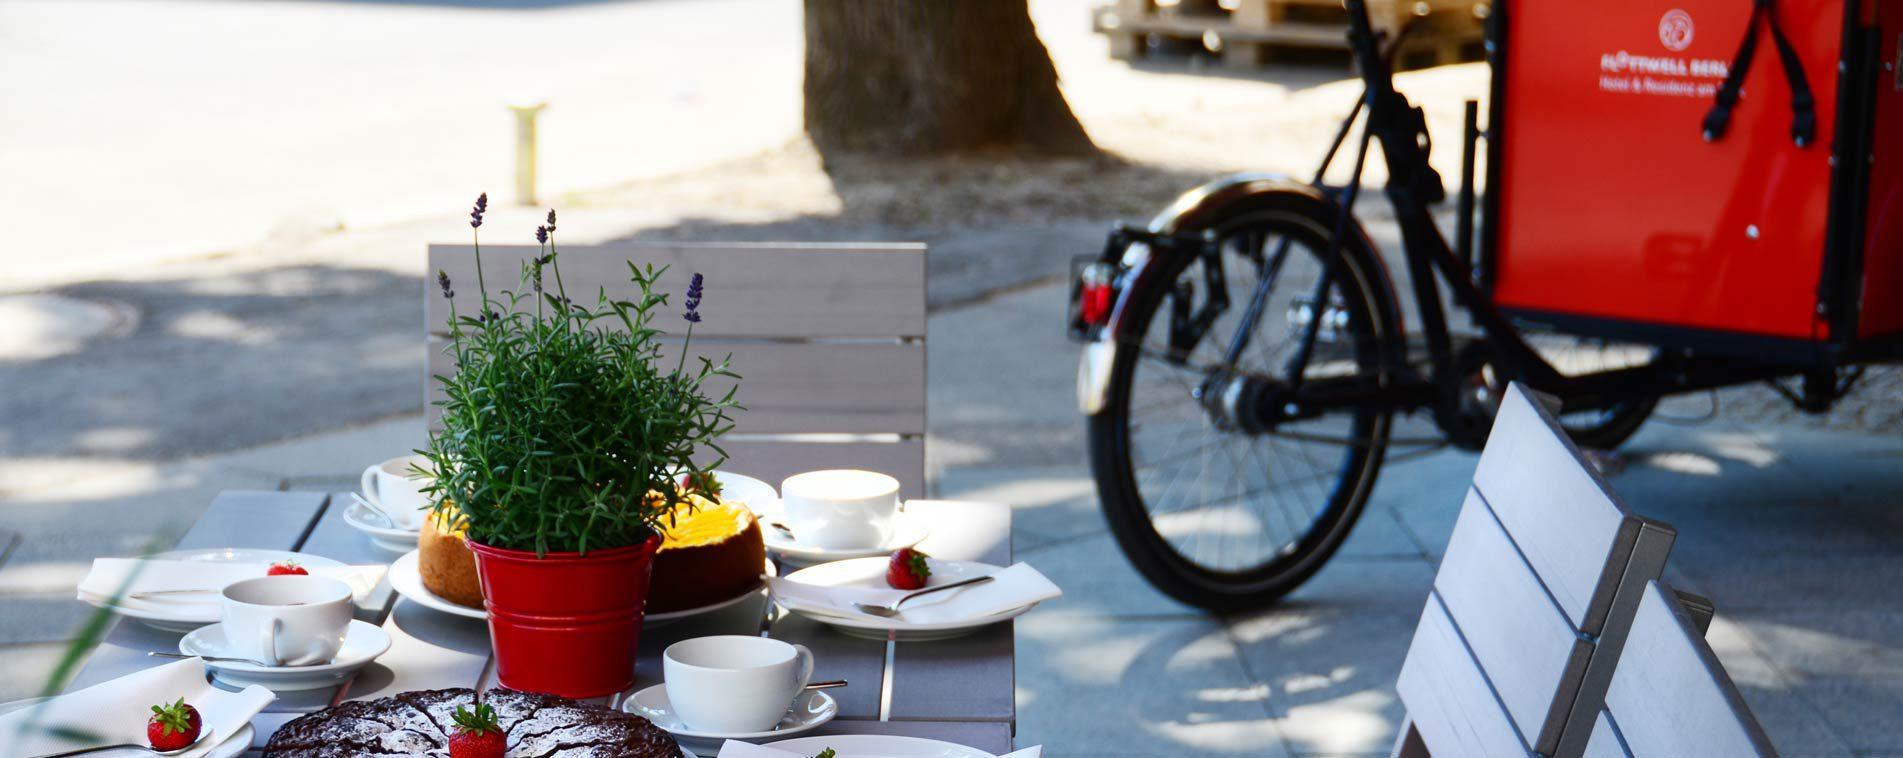 FLOTTWELL BERLIN Hotel - Terrasse